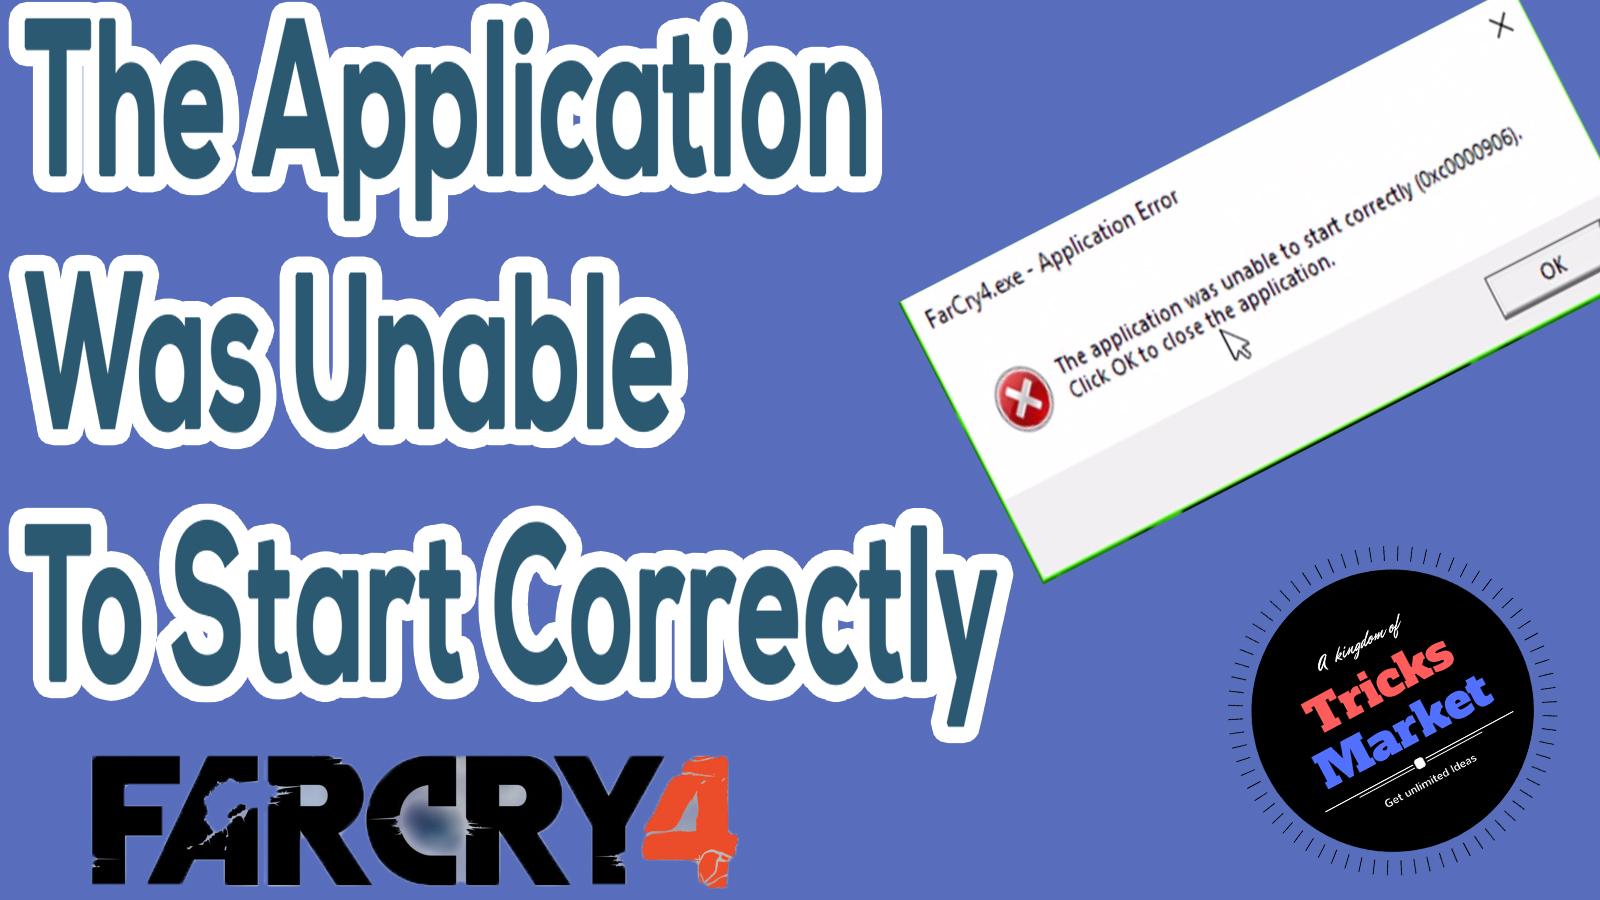 Far cry 3 blood dragon ubiorbitapi_r2_loader dll download